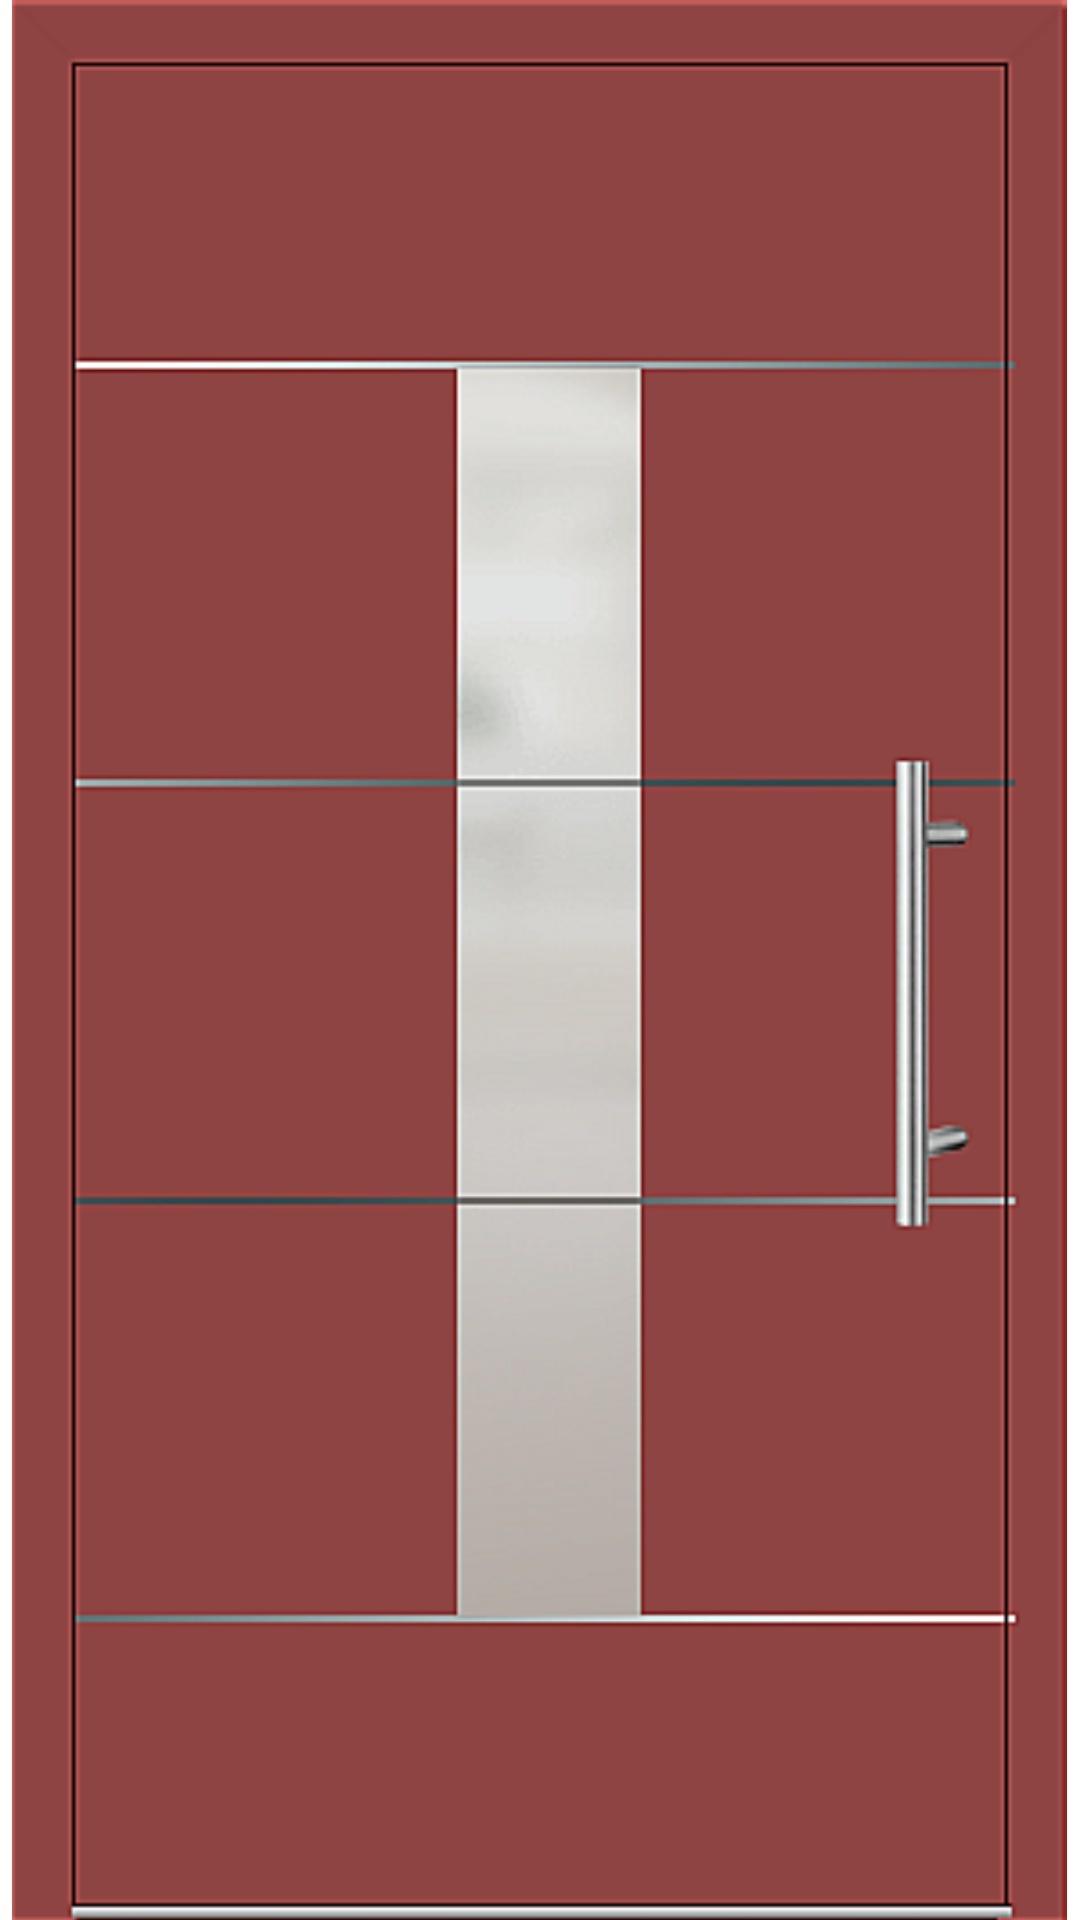 Aluminium Haustür Modell 6184-54 feuerrot